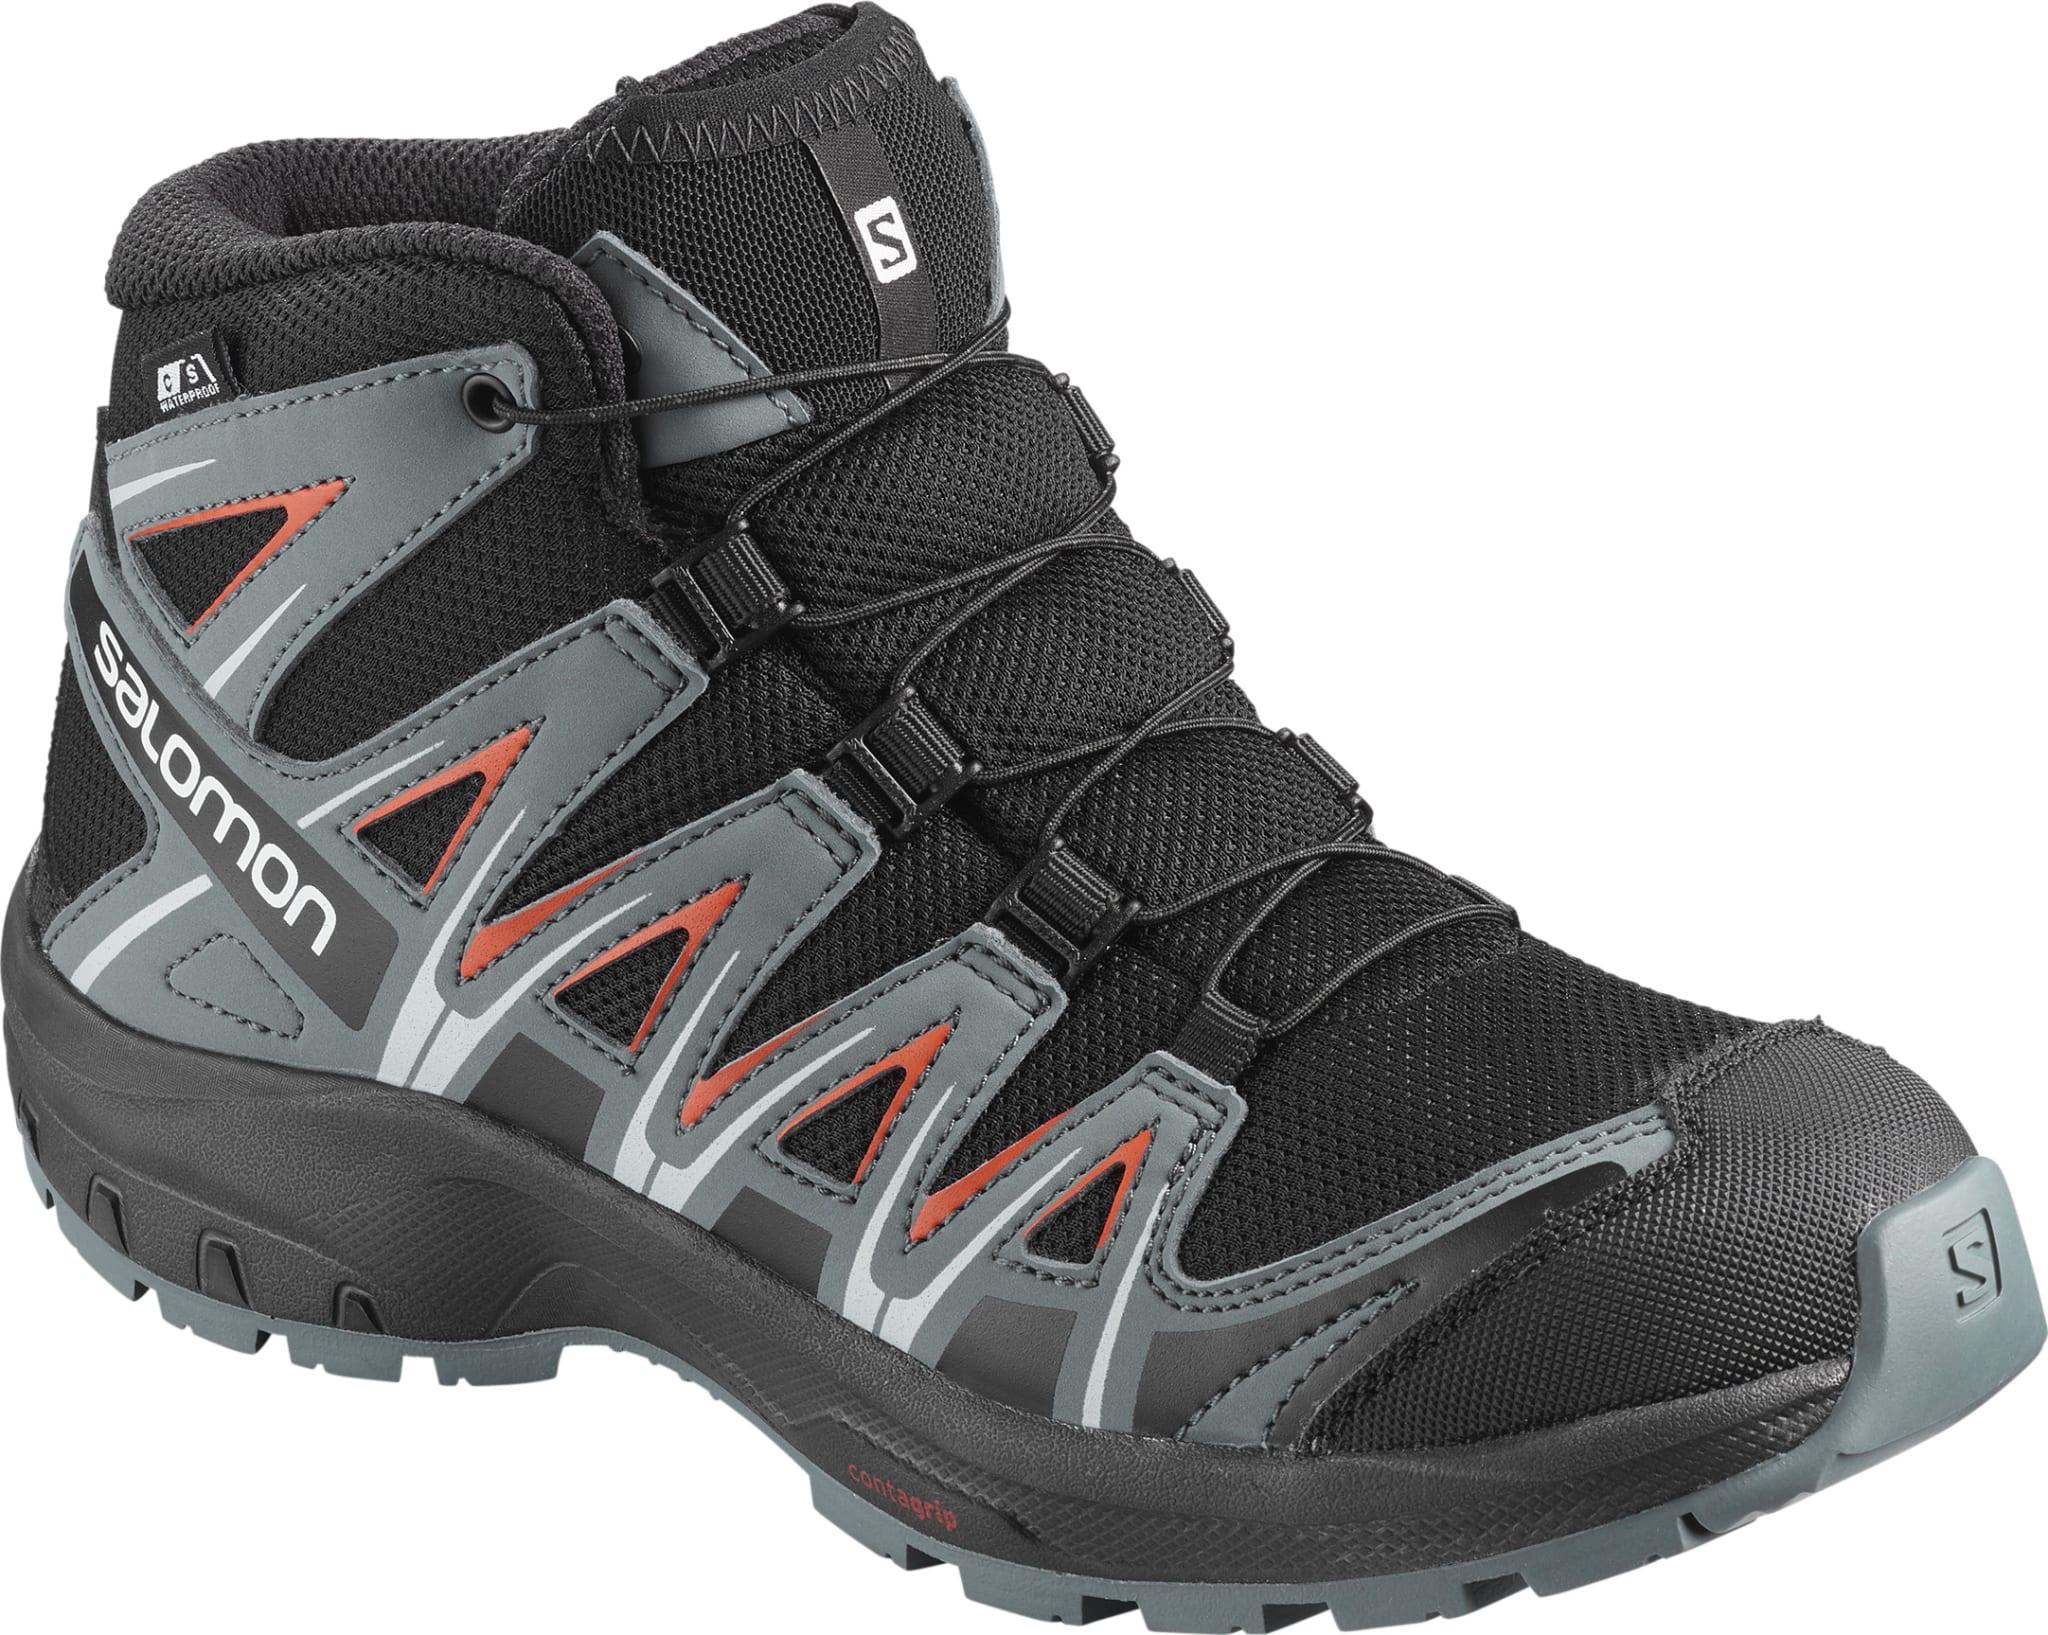 f26d125a Vantett, stabil og slitesterk sko til junior